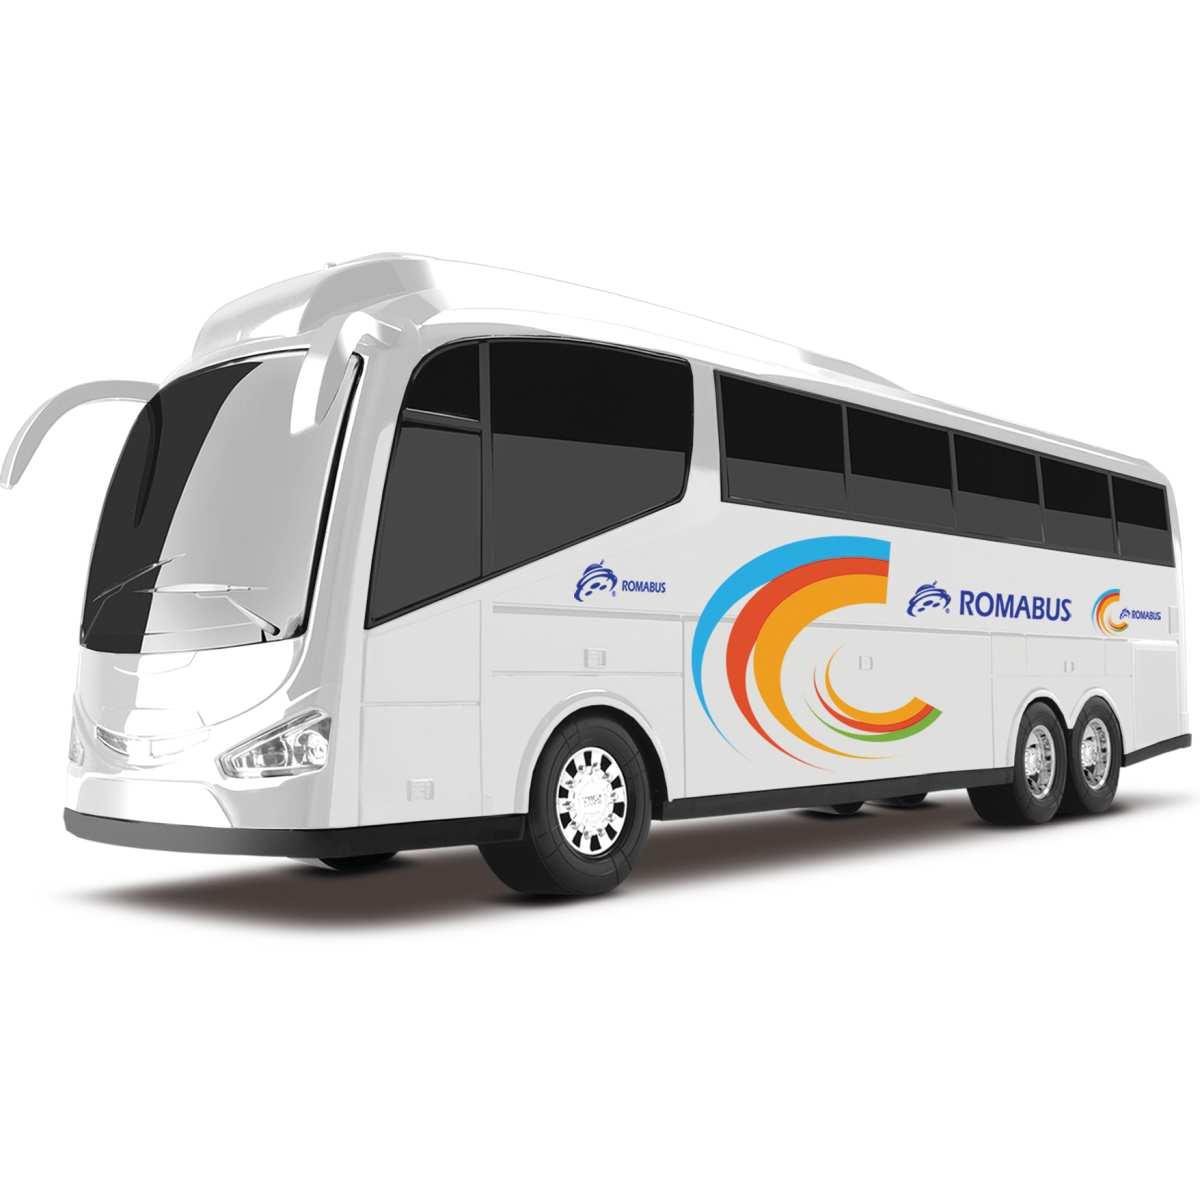 Carrinho | Bus Executive Branco 48,5cm | Roma